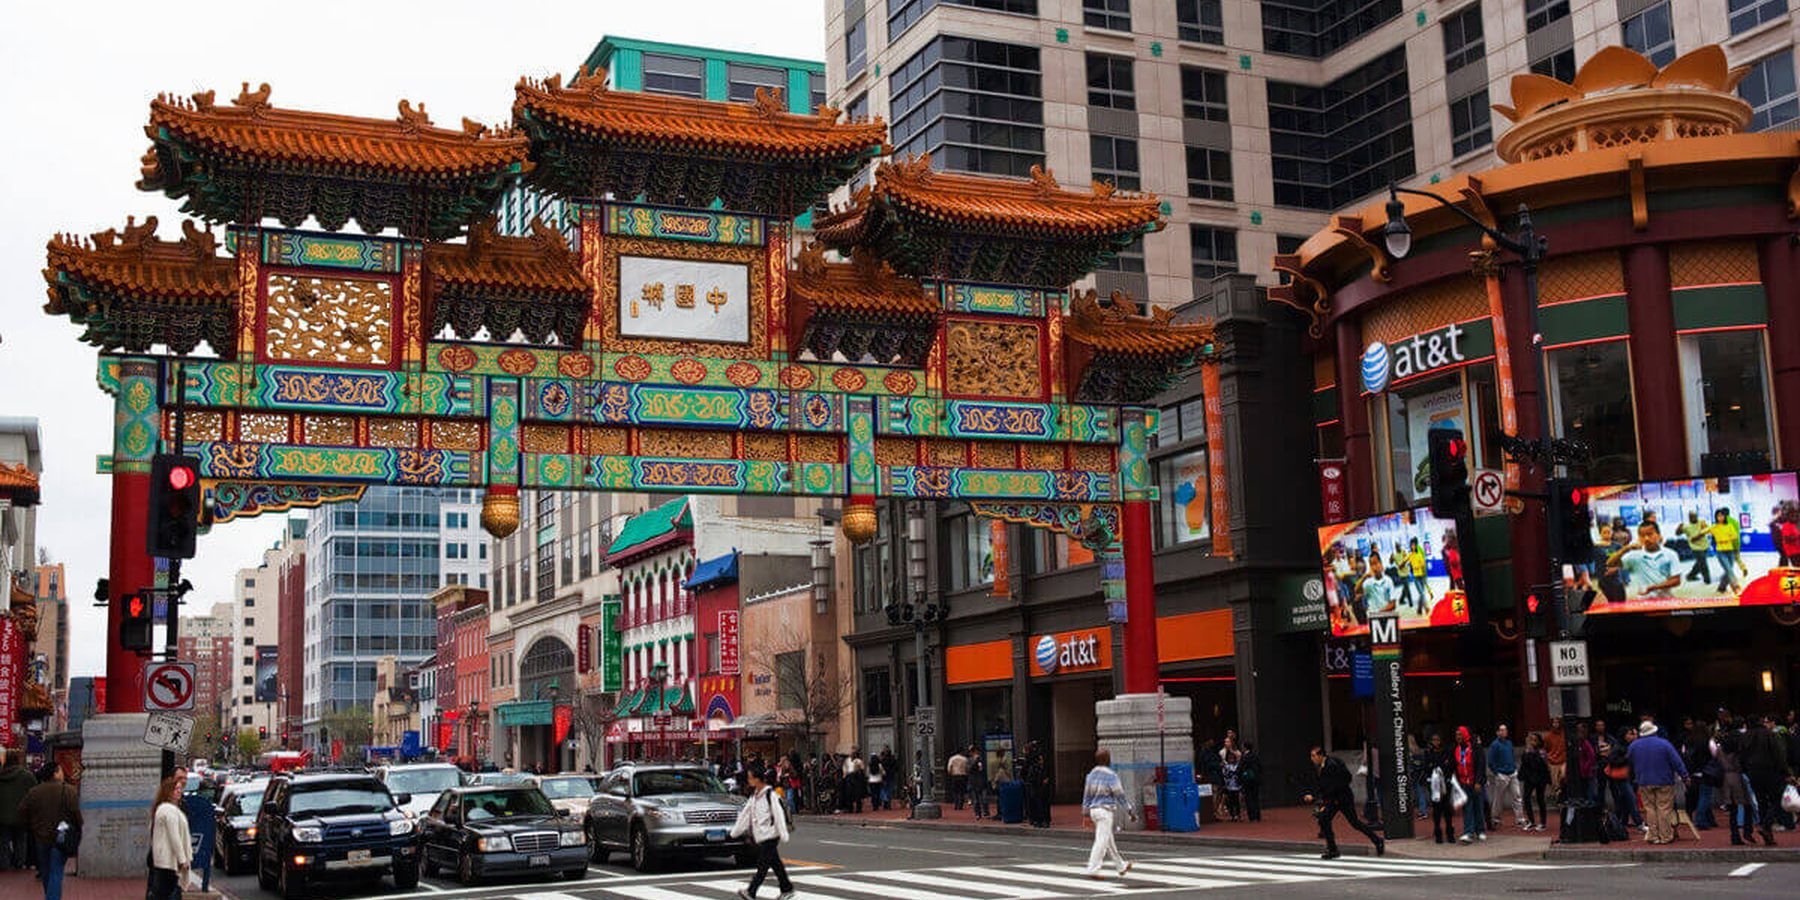 China Town - Washington D.C. - Doets Reizen